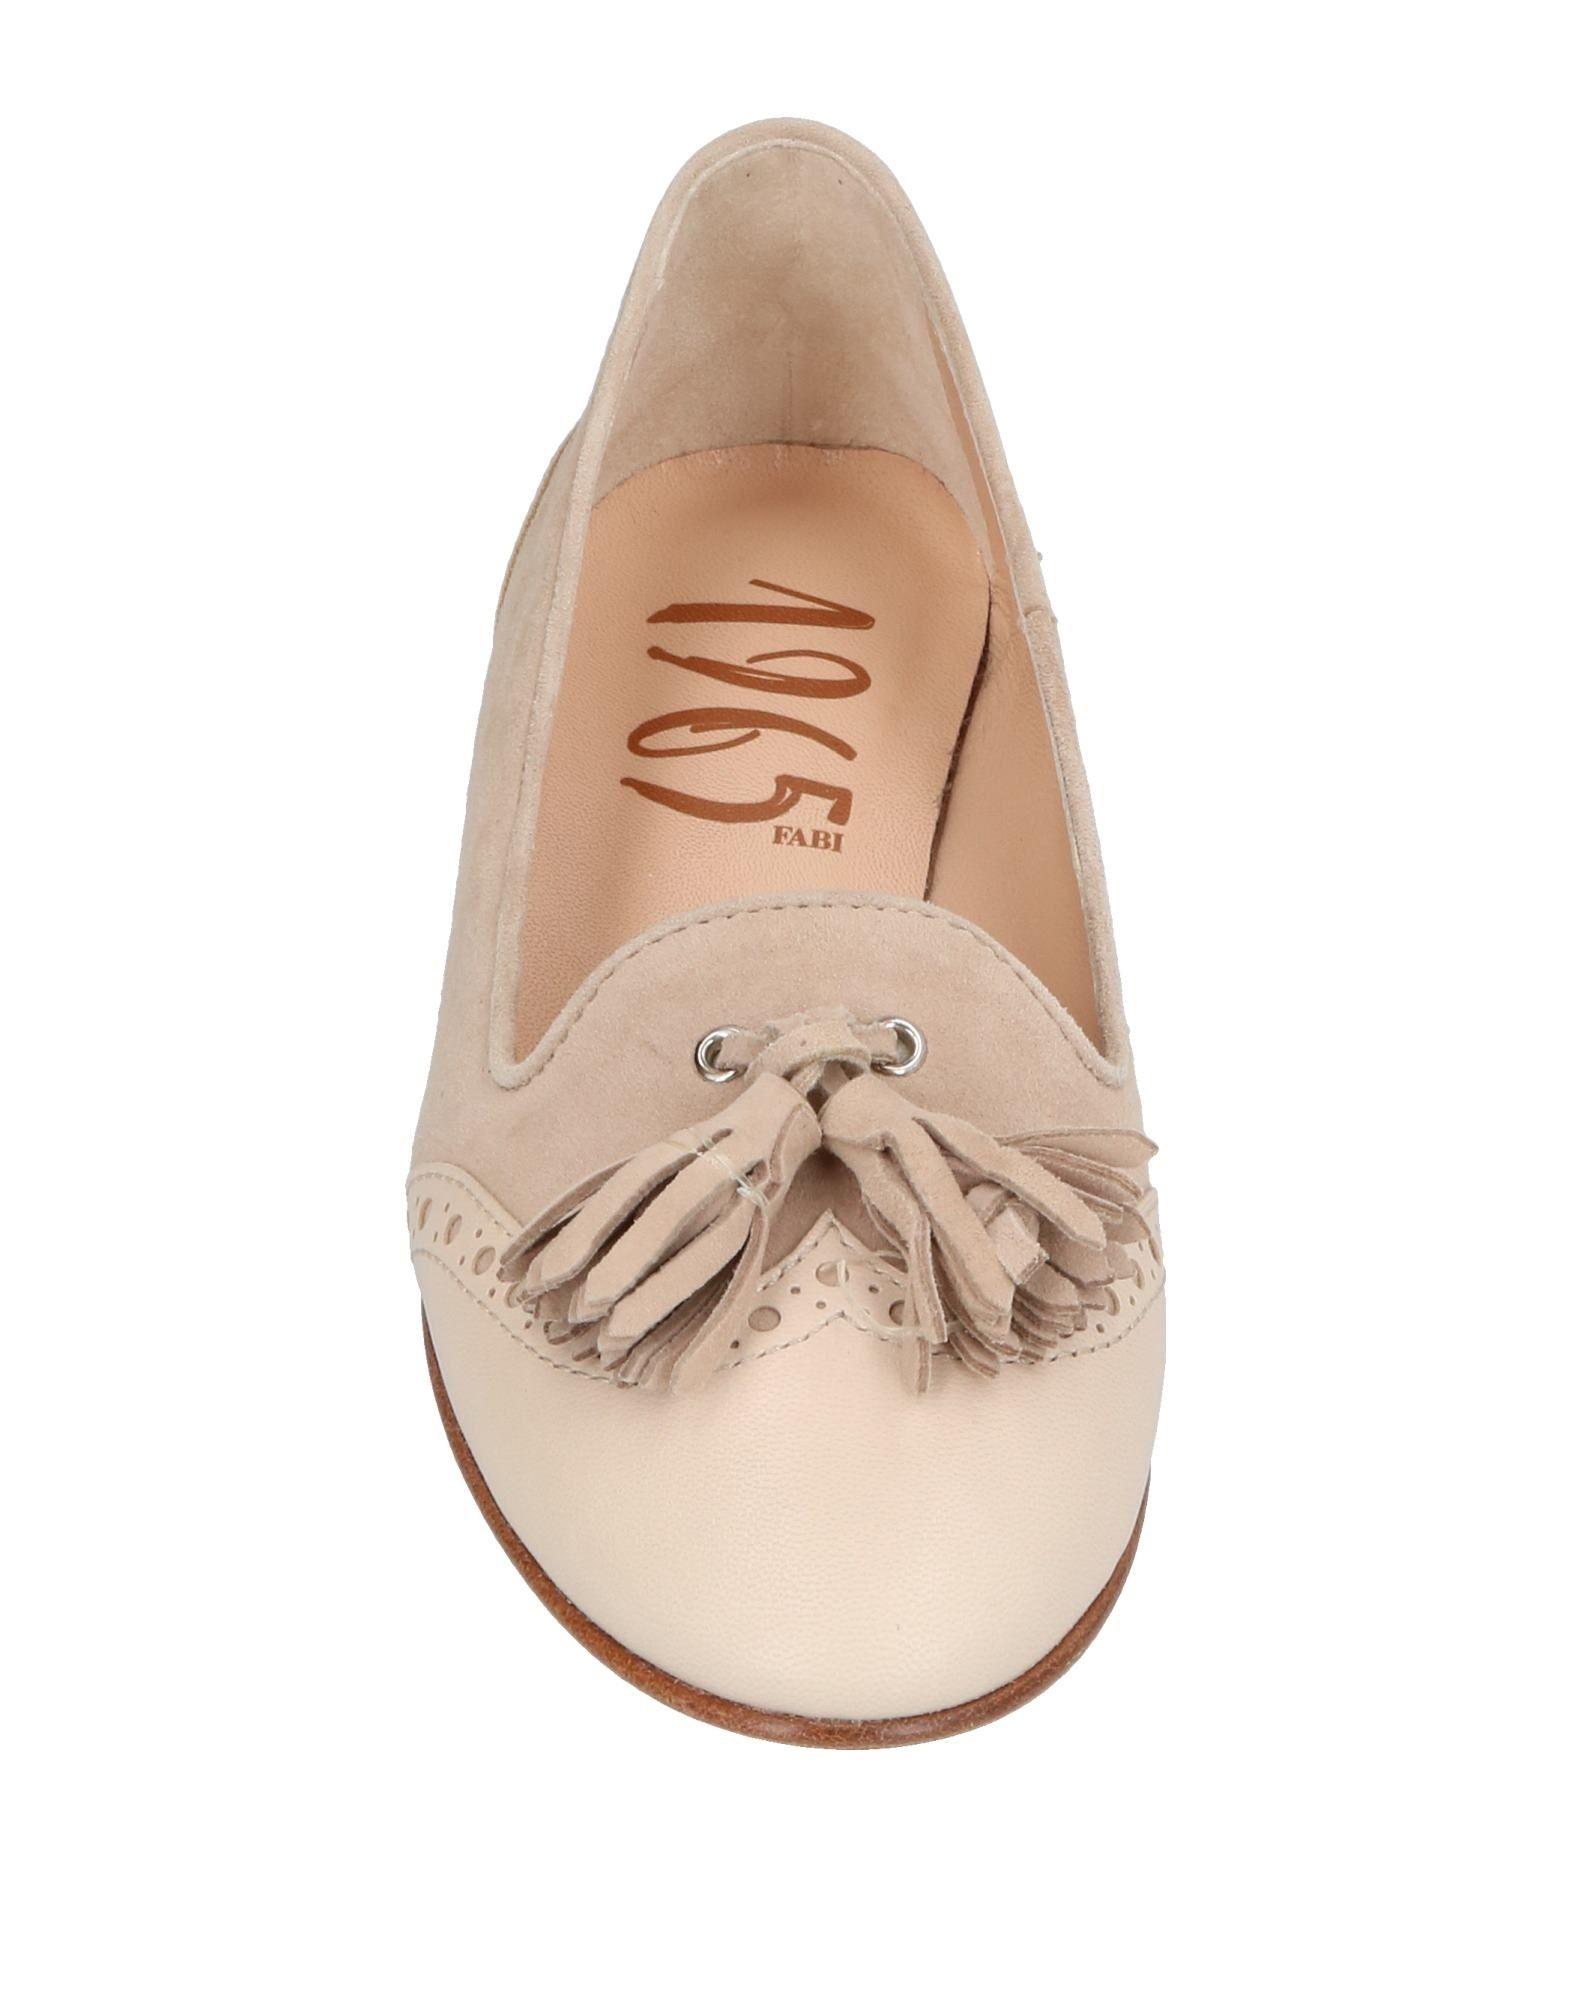 Fabi Heiße Mokassins Damen  11415901FN Heiße Fabi Schuhe c5087b